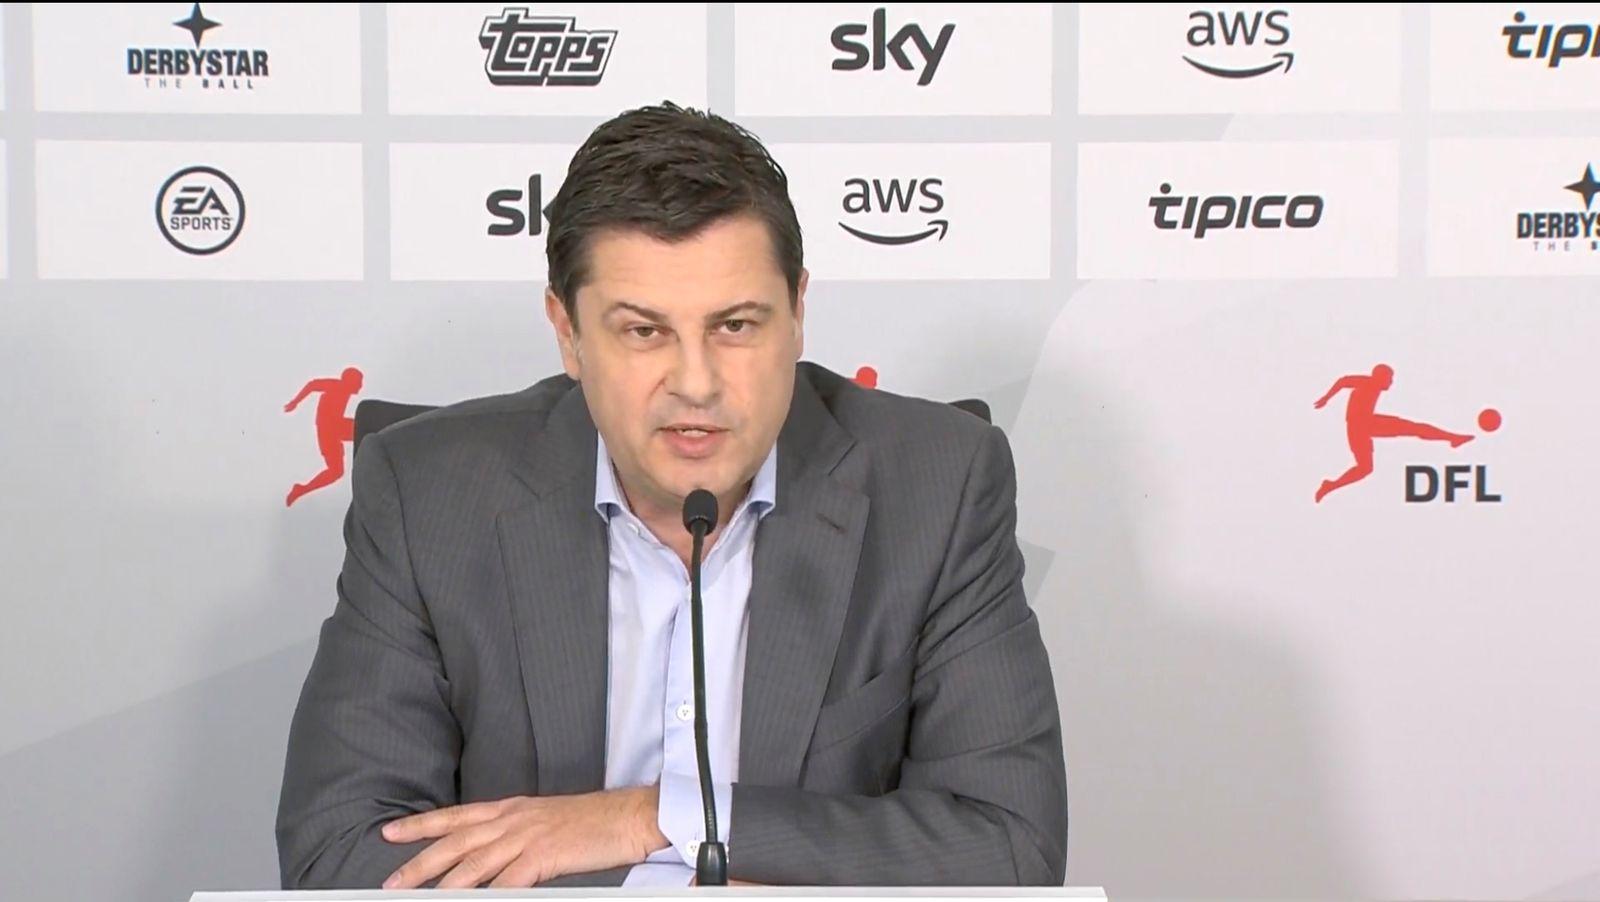 Video grab shows Deutsche Fussball Liga (DFL) CEO Seifert making a statement in Frankfurt